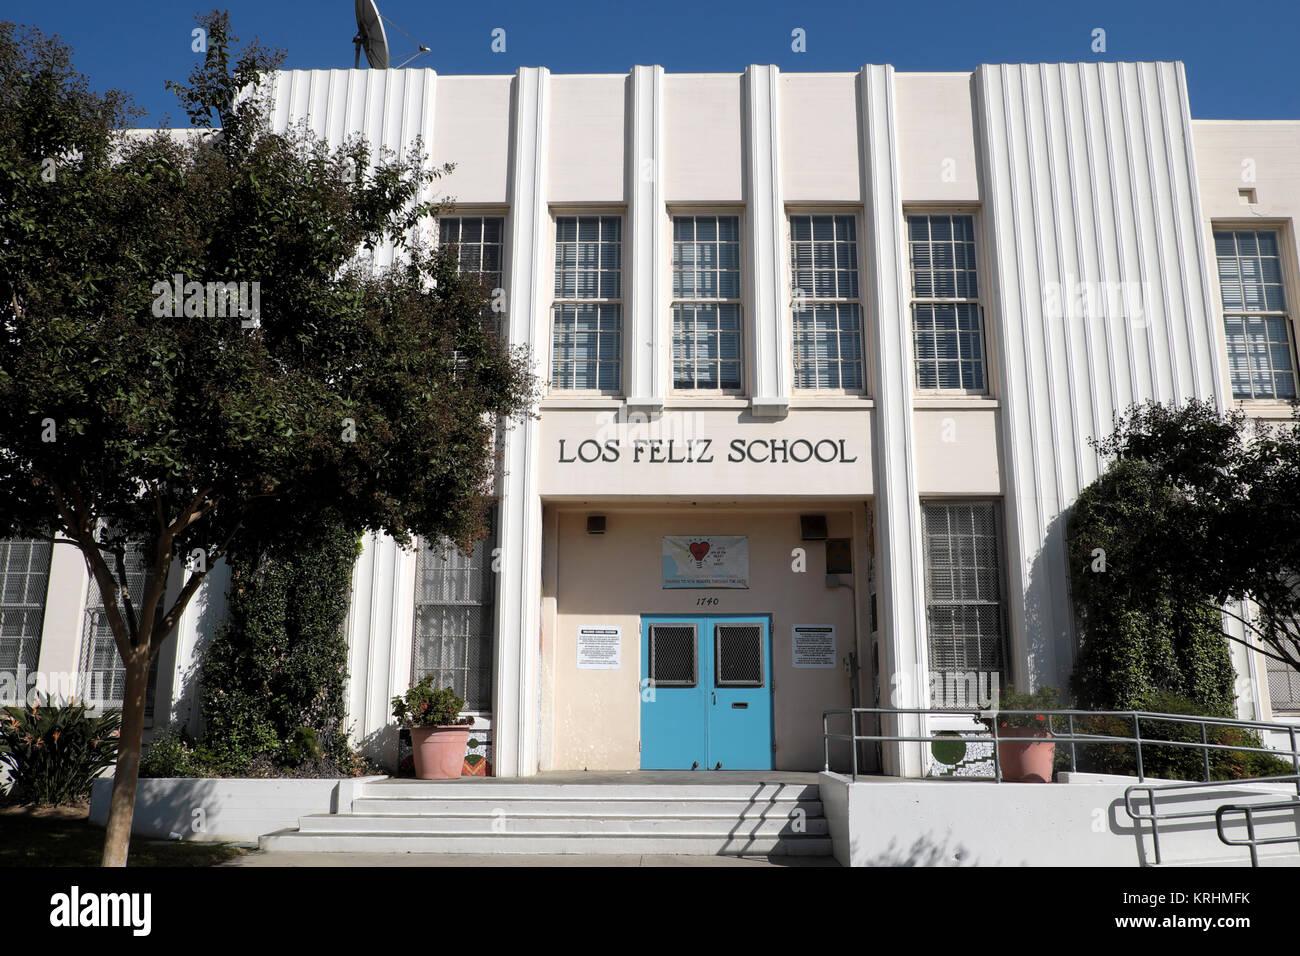 Vista exterior de los Feliz School en Los Angeles, California, EE.UU. Kathy DEWITT Imagen De Stock